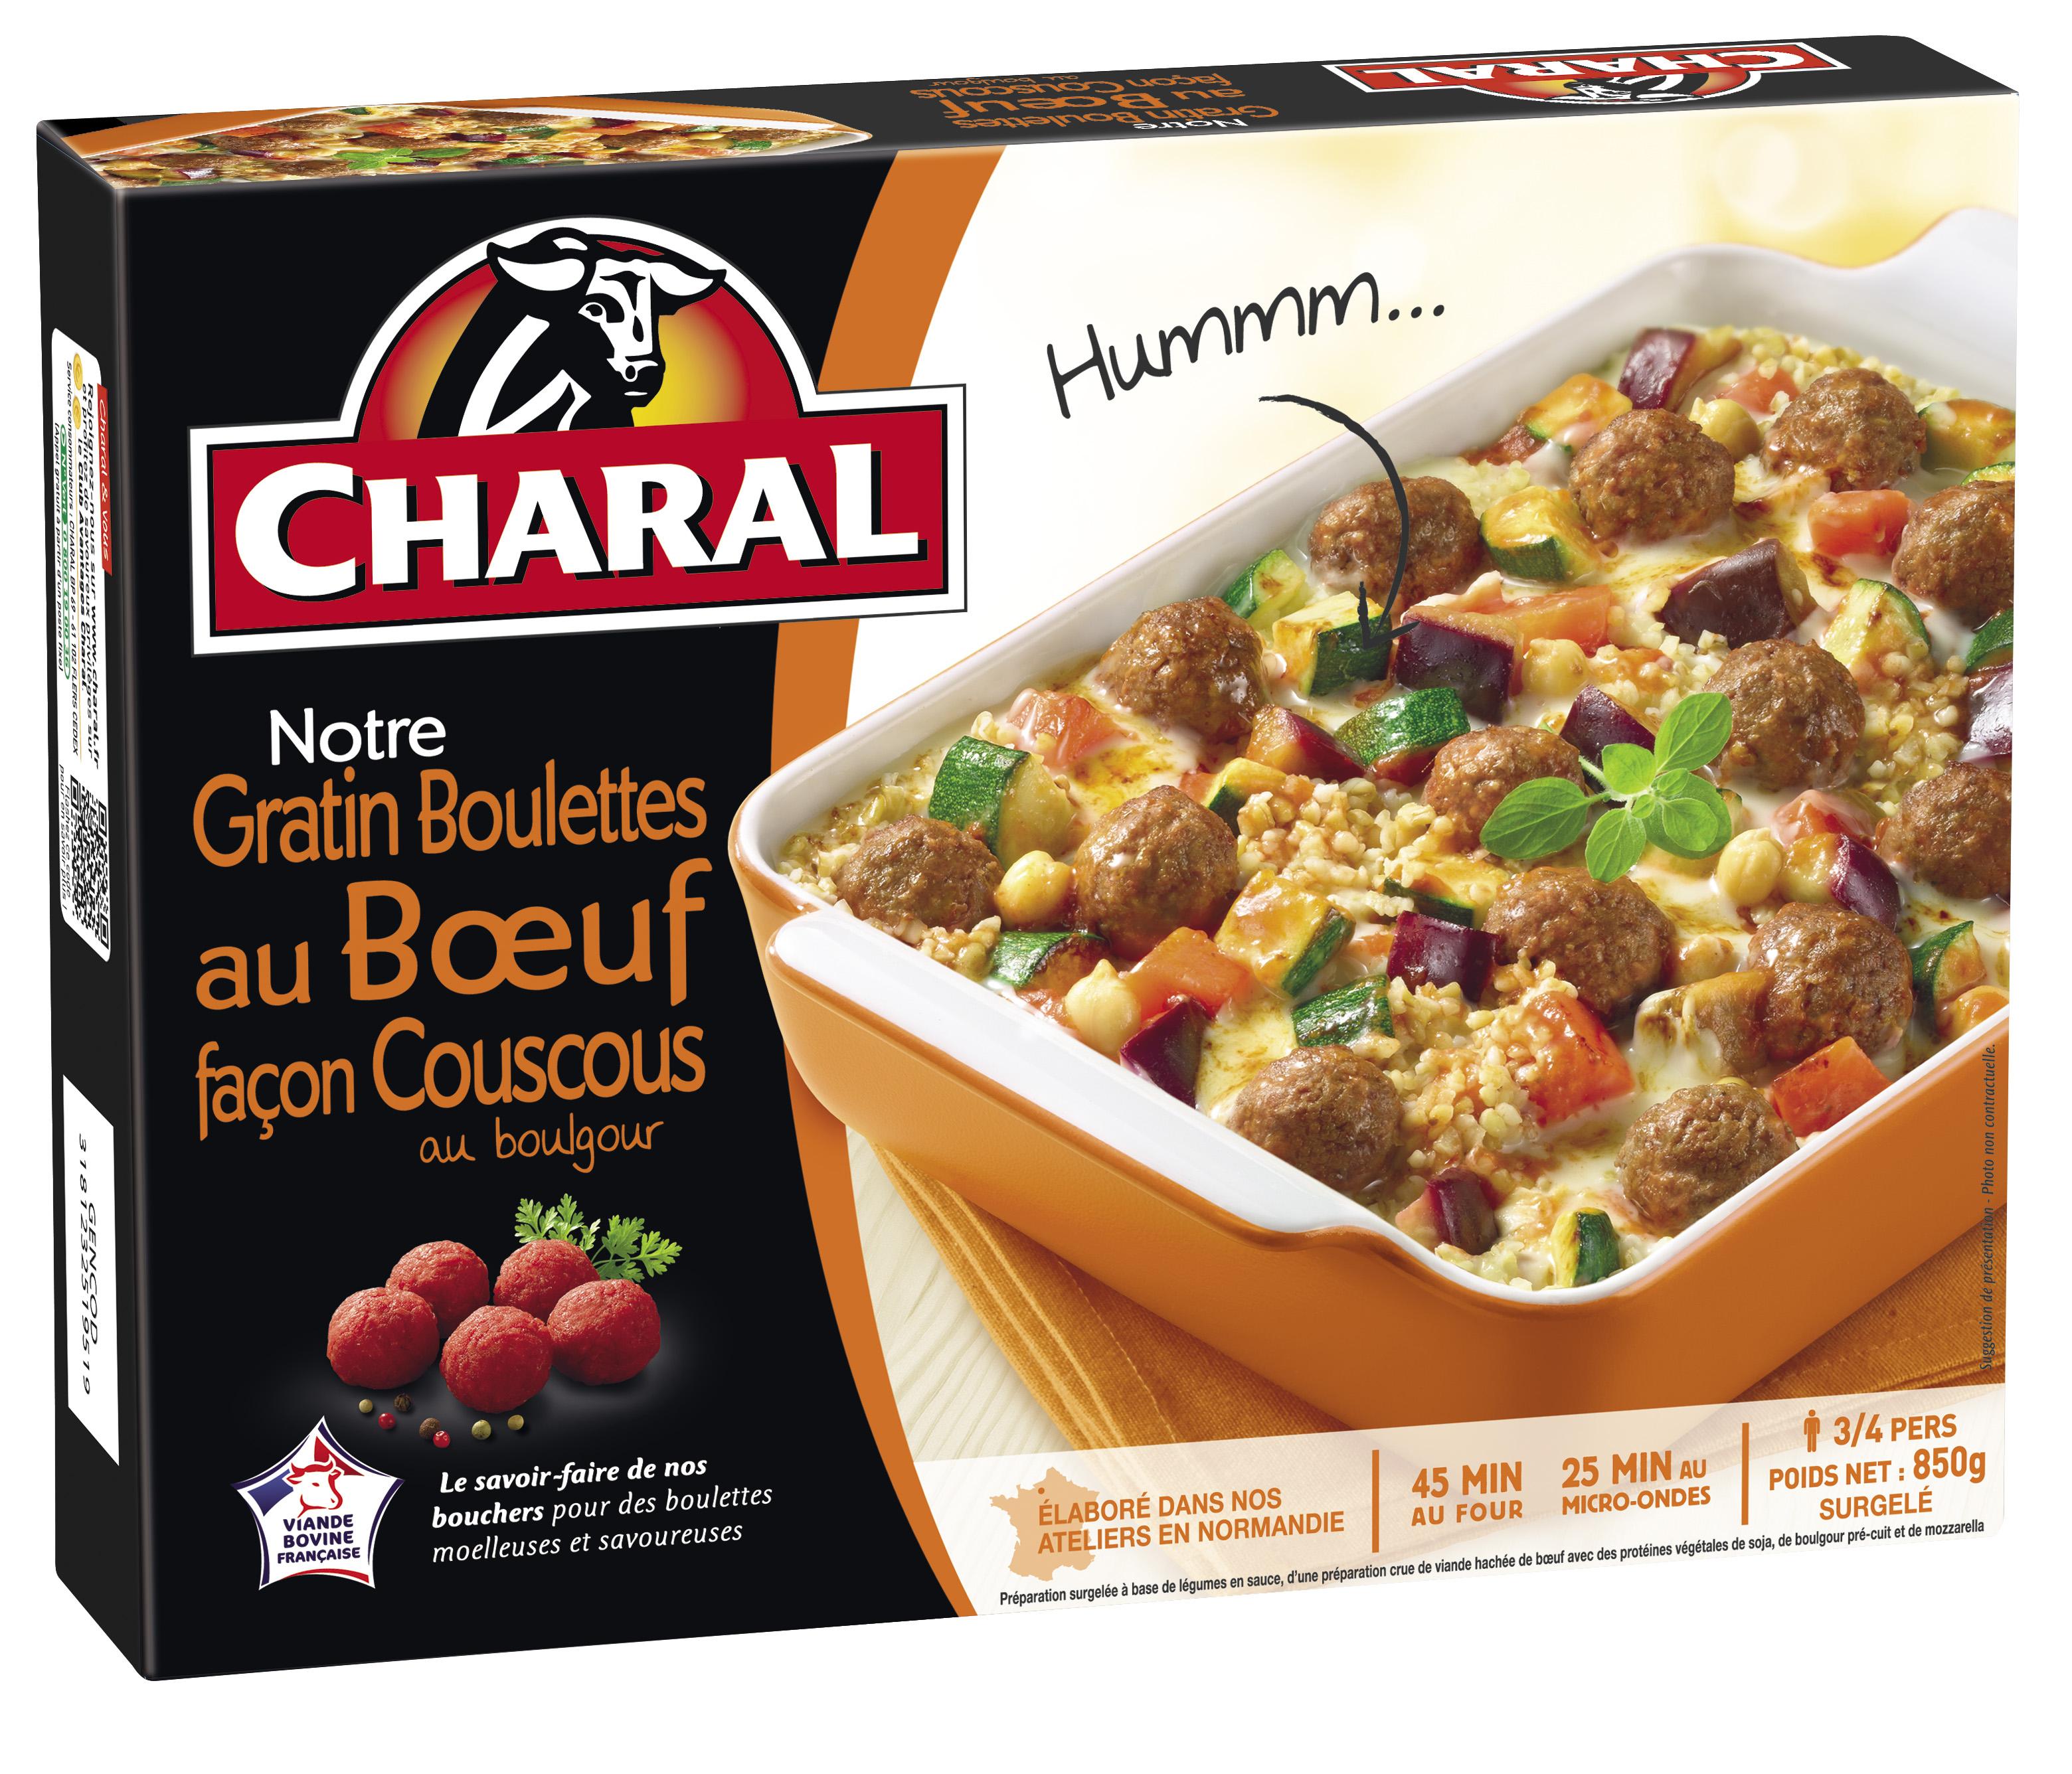 charal se lance sur les plats cuisin s surgel s frais ls et produits surgel s. Black Bedroom Furniture Sets. Home Design Ideas